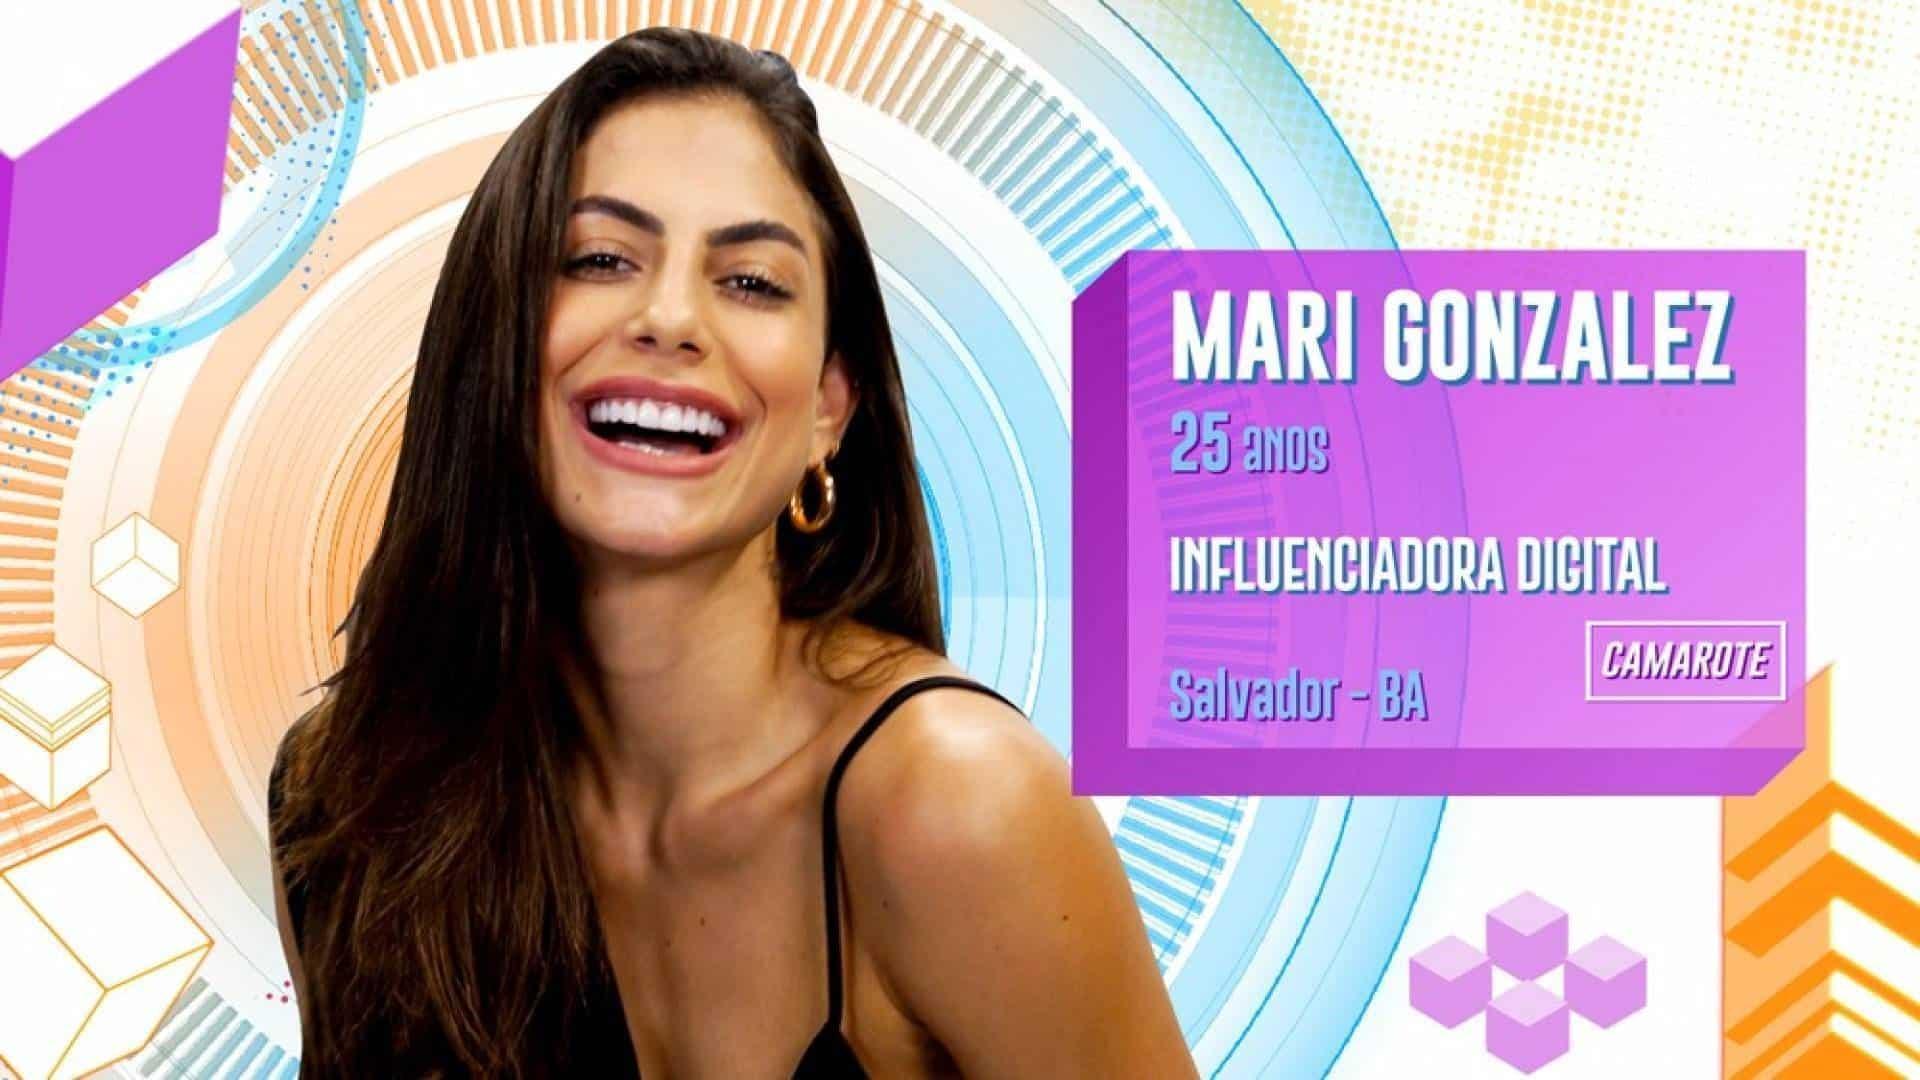 Mari Gonzalez- Biografia, participação no Pânico + curiosidades